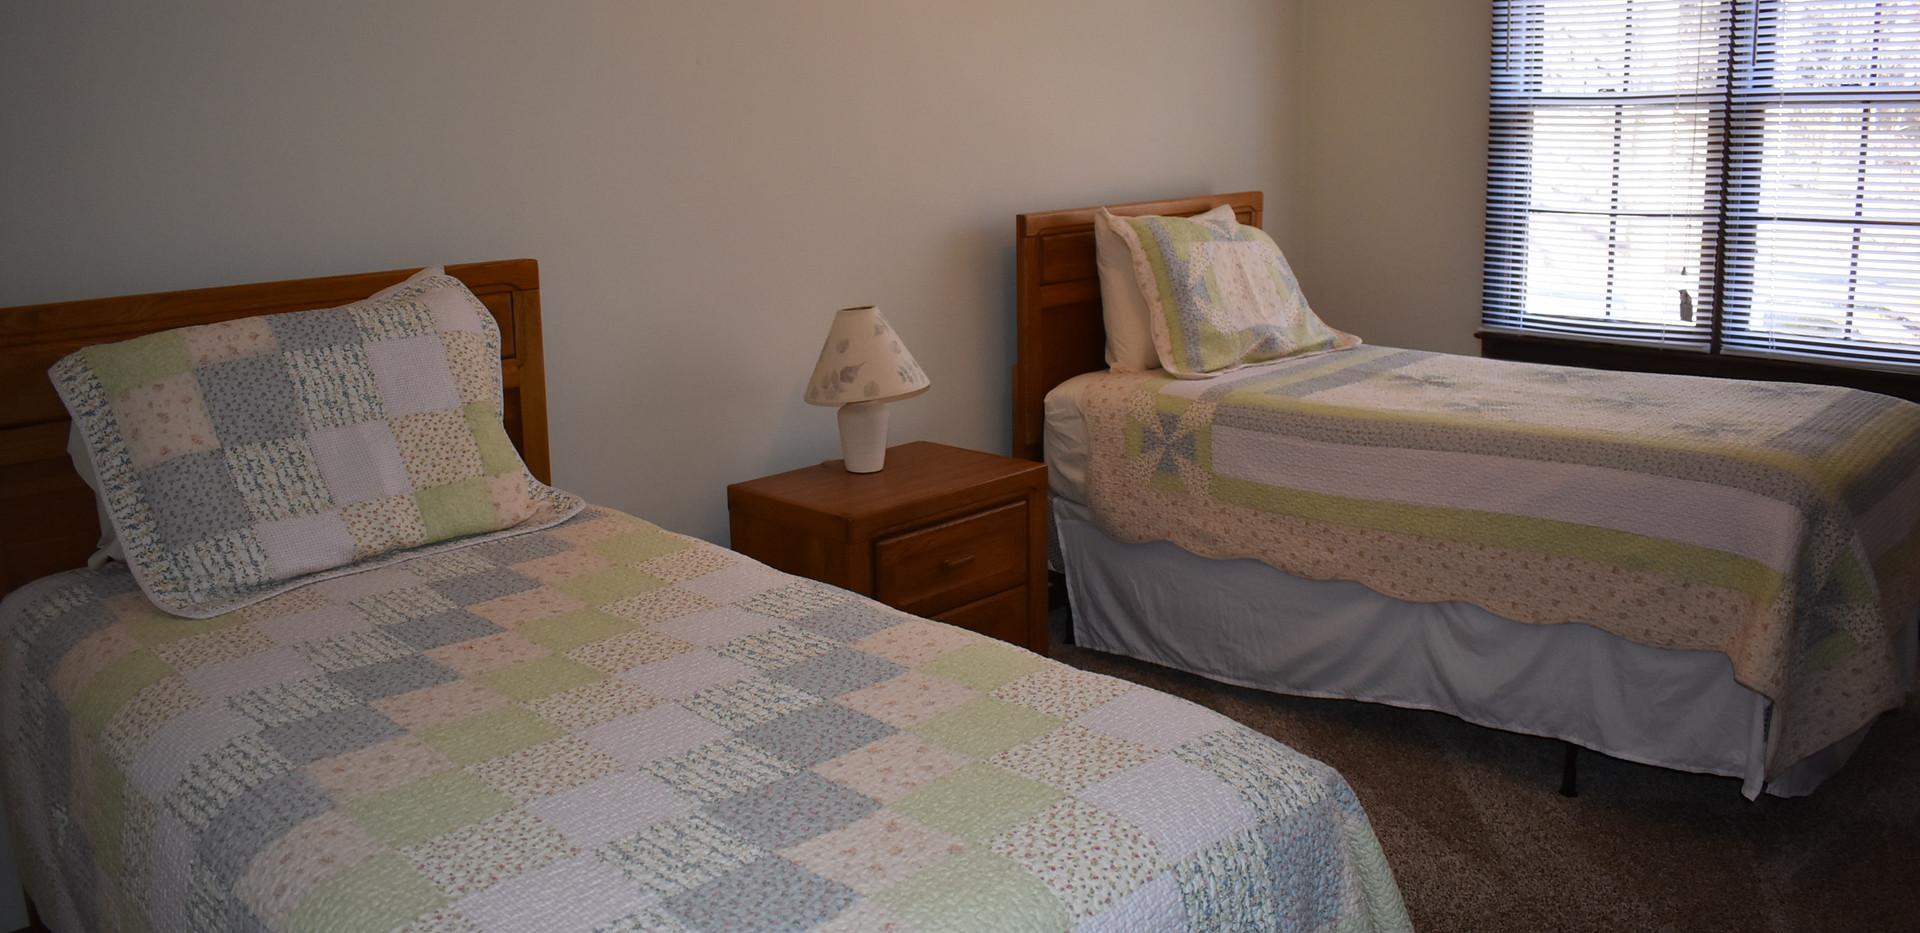 Fife Bridge - 3 BR - Bedroom 3